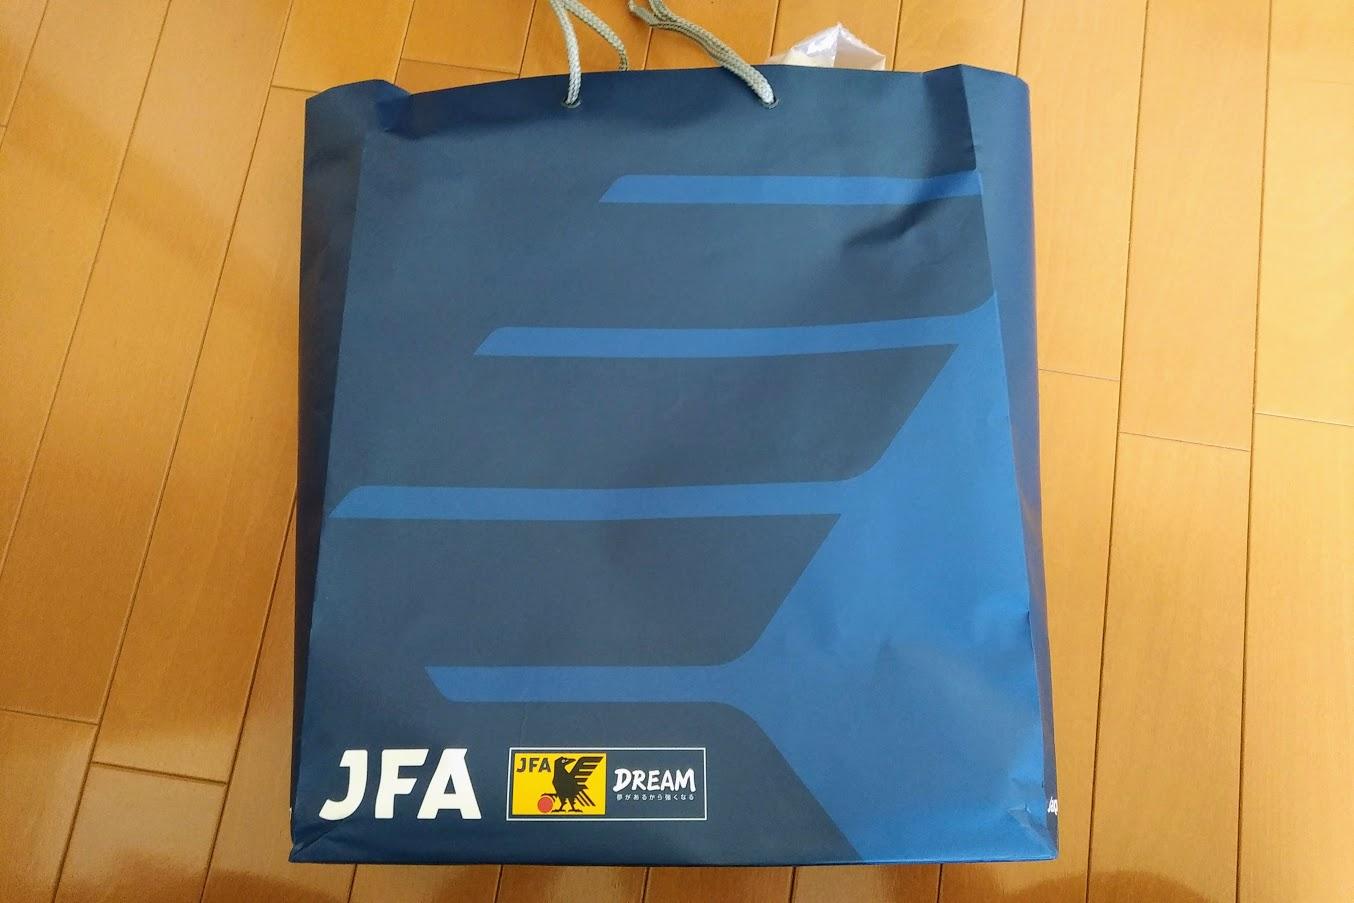 JFAの紙袋